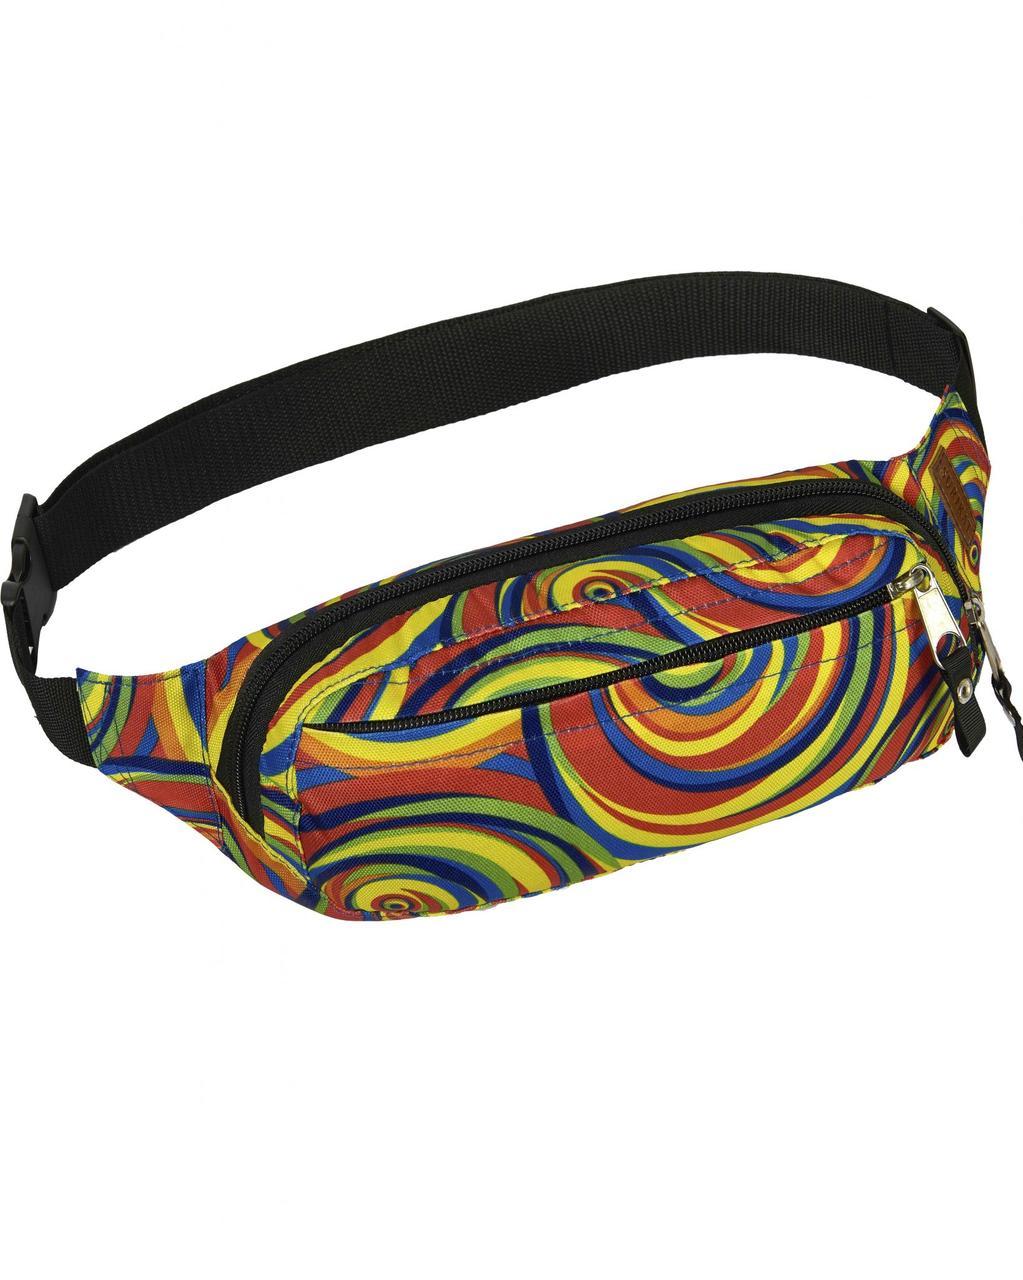 3883e1d32292 Поясная сумка разноцветная SOL Song Surikat (бананка, сумка на пояс) - Интернет  магазин